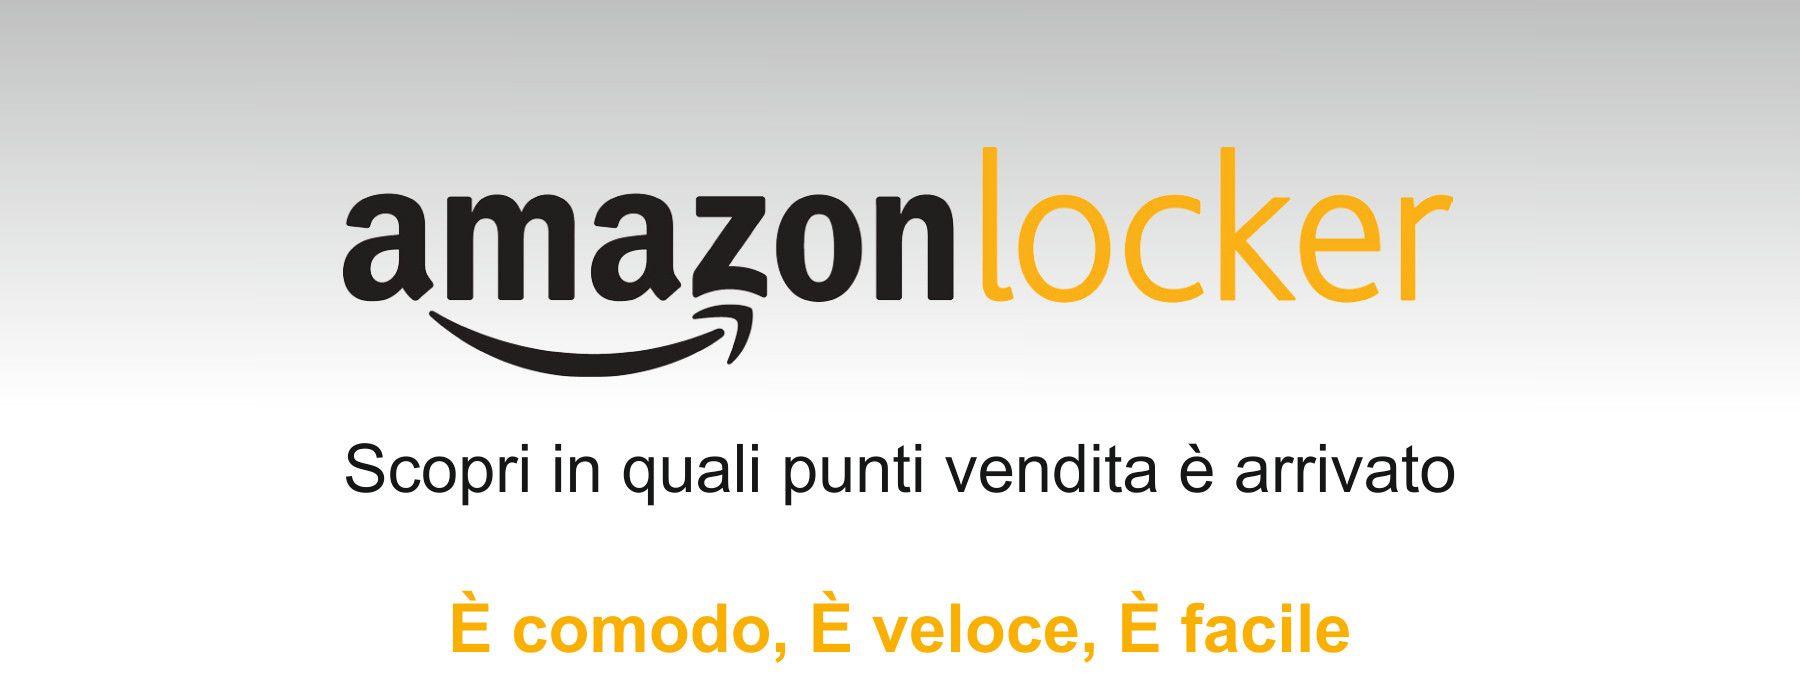 Amazon Locker nei Maxì